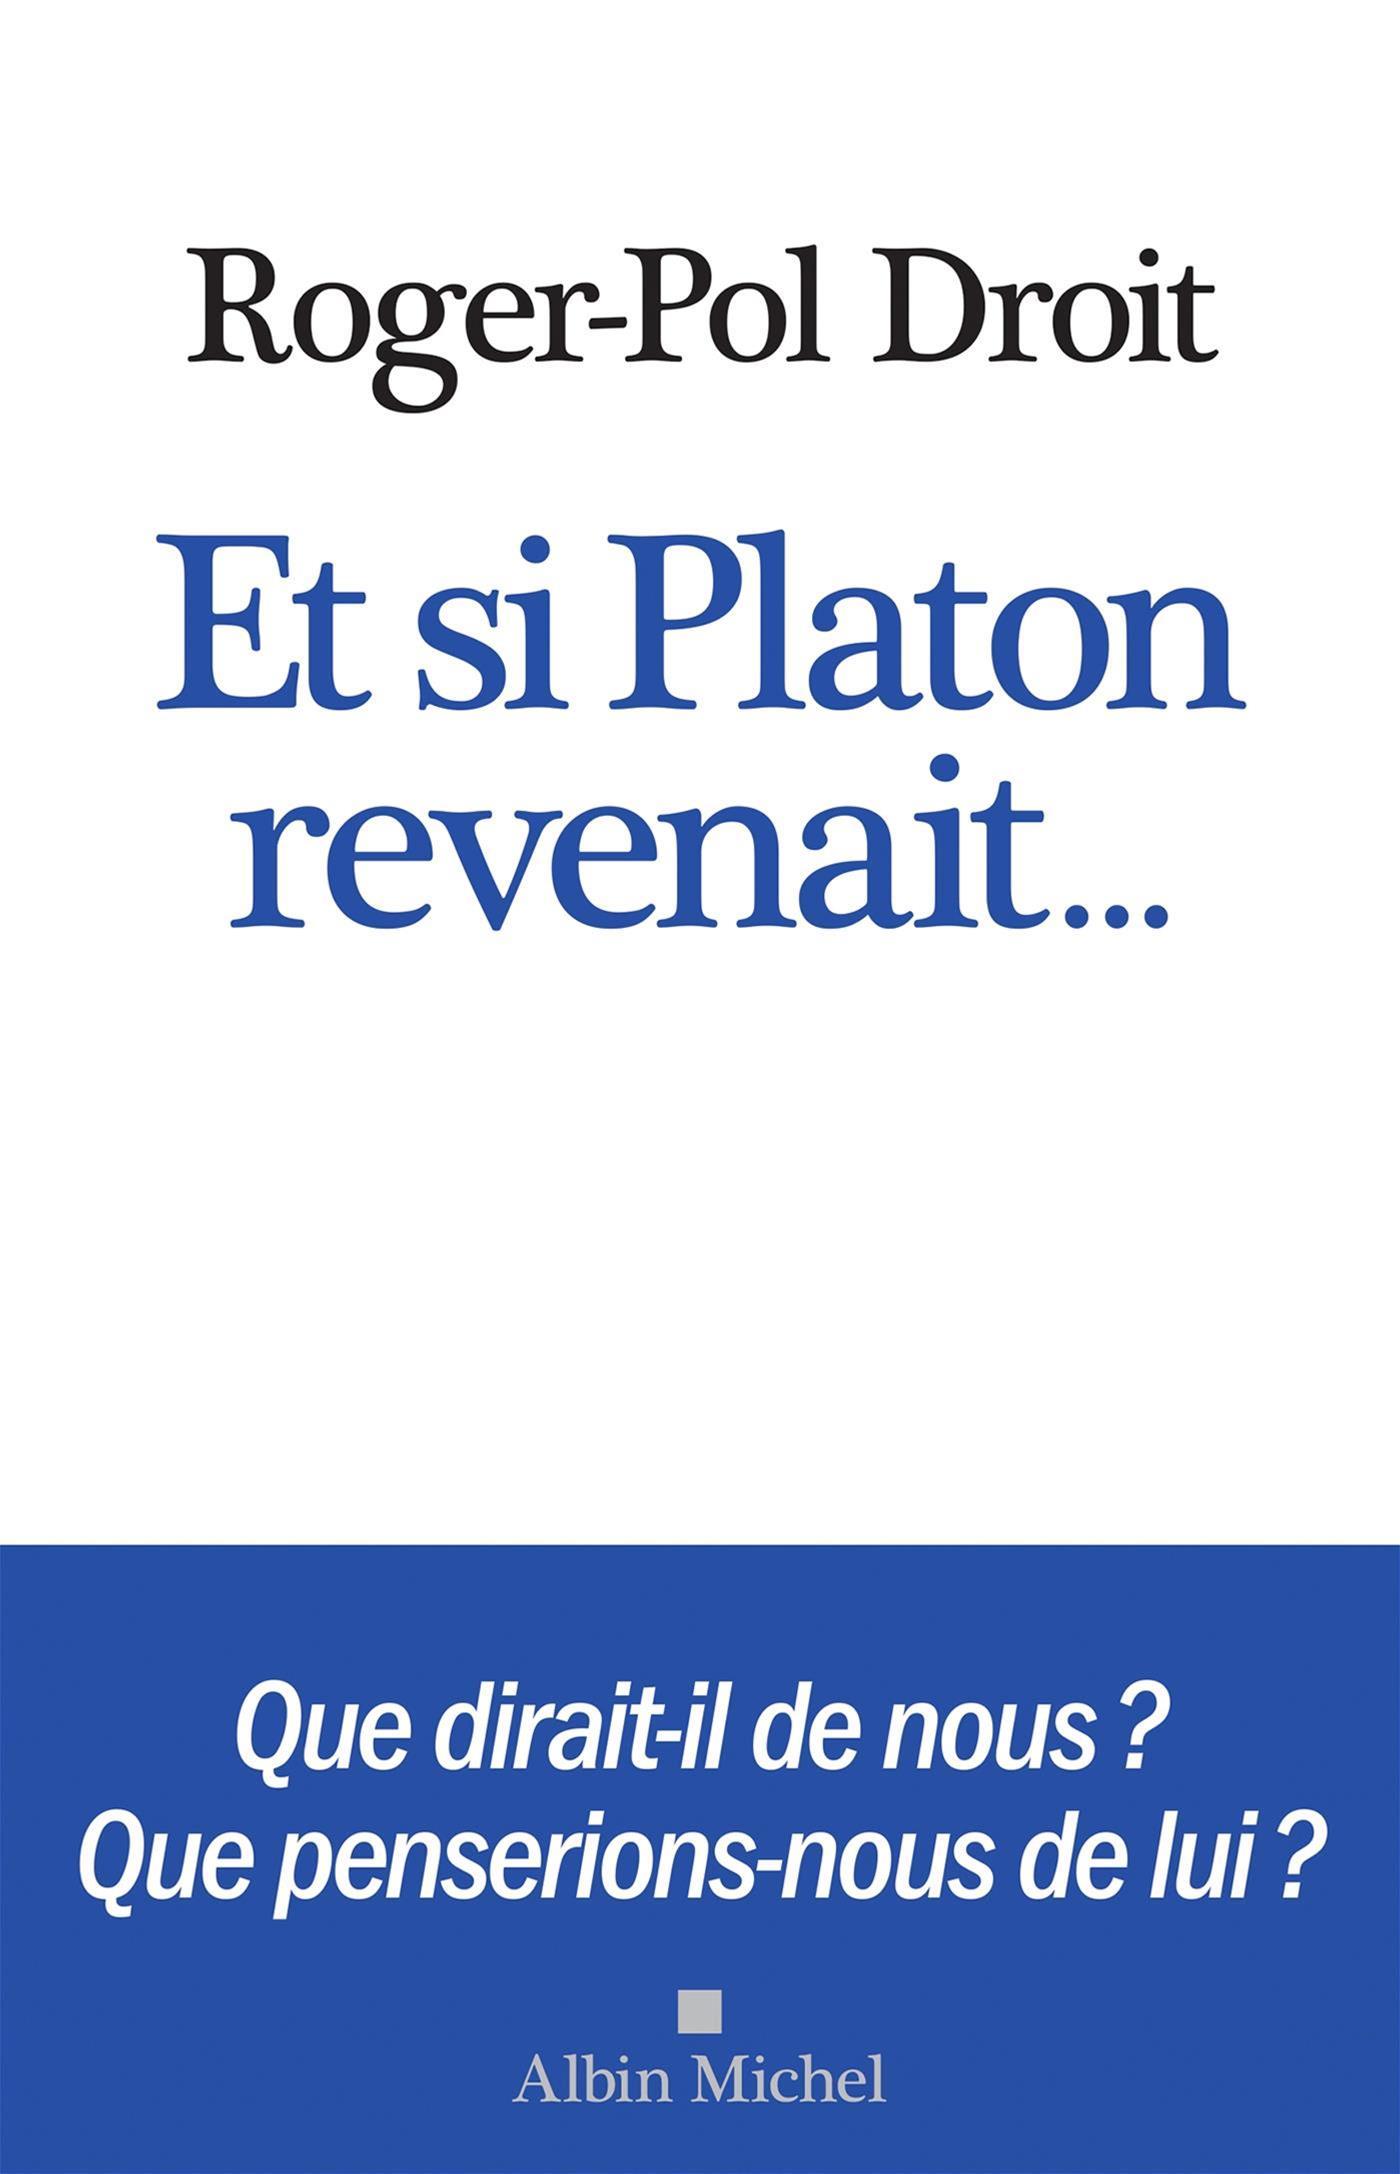 Et si Platon revenait...